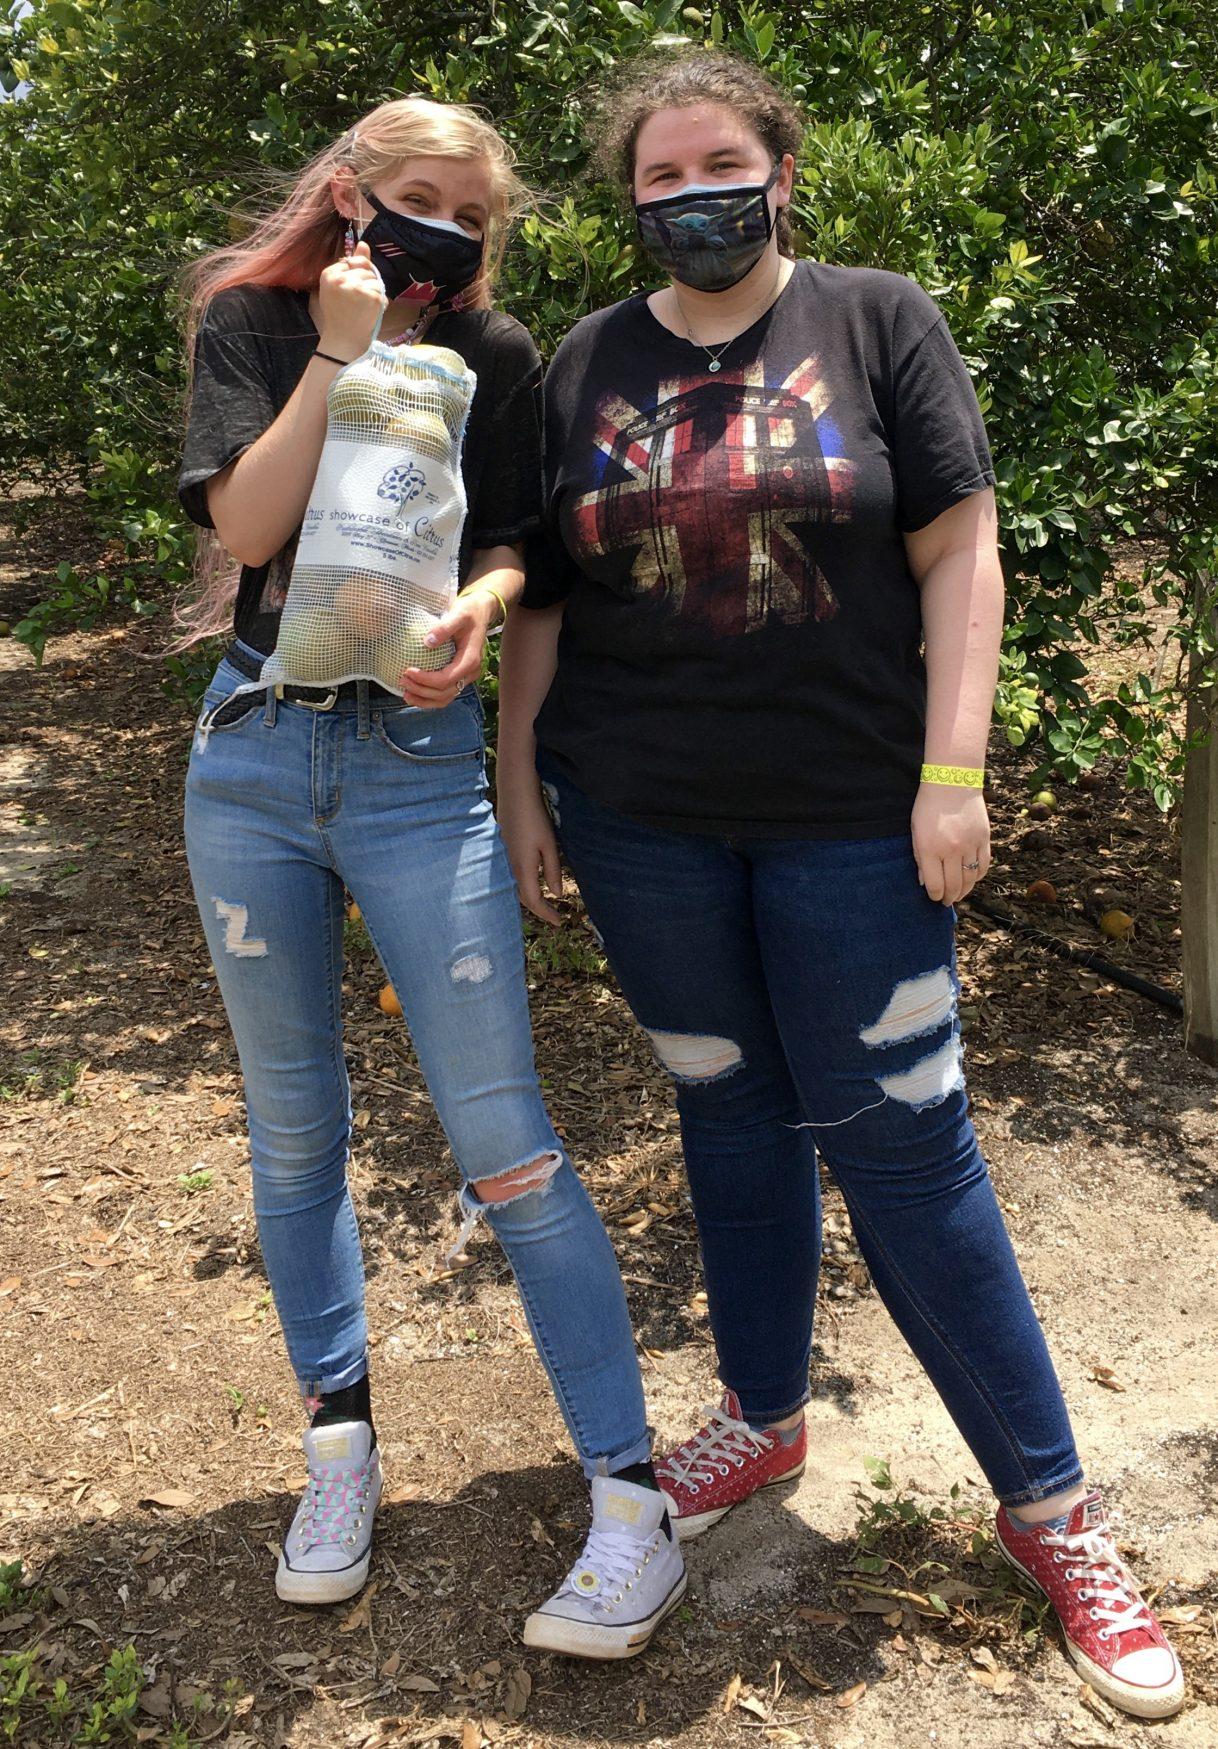 Showcase of Citrus Album Five: Orange Picking in the Citrus Groves! – Clermont, Florida – 05/06/2021